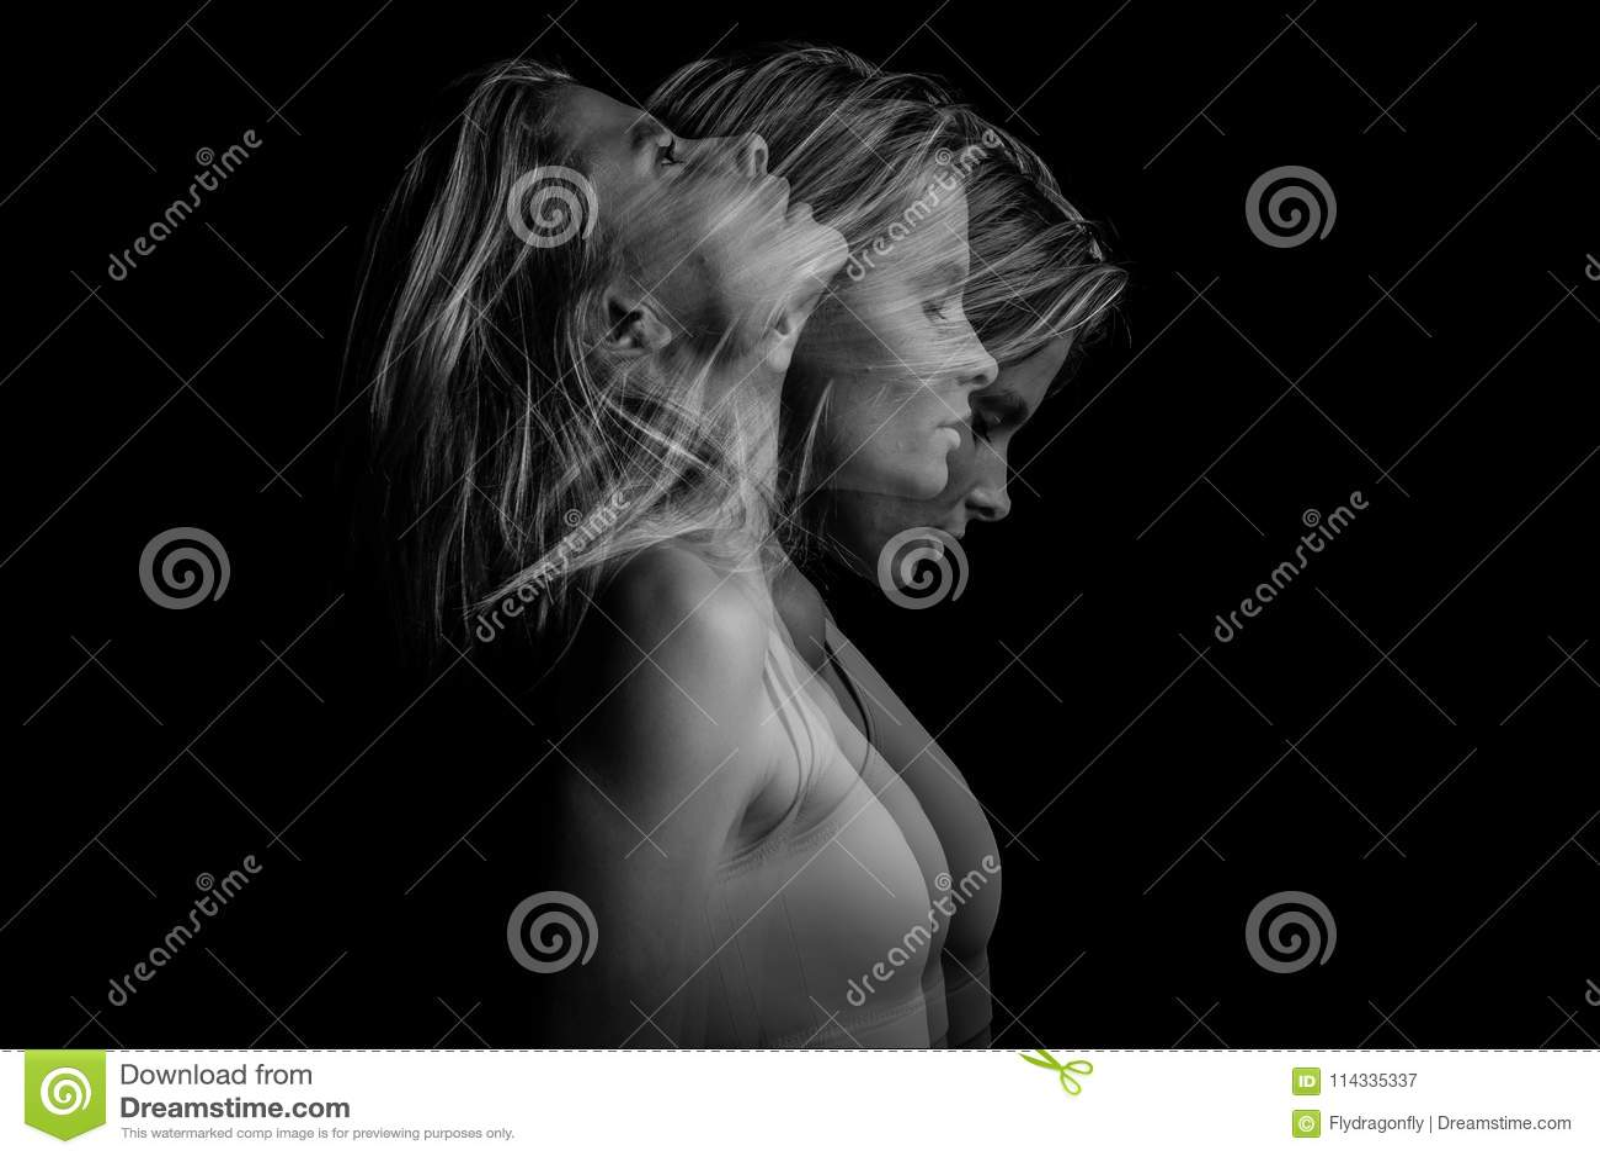 Beau portrait conceptuel original ambigu mystérieux mystique fantôme de côté de profil de jeune femme blonde sur a